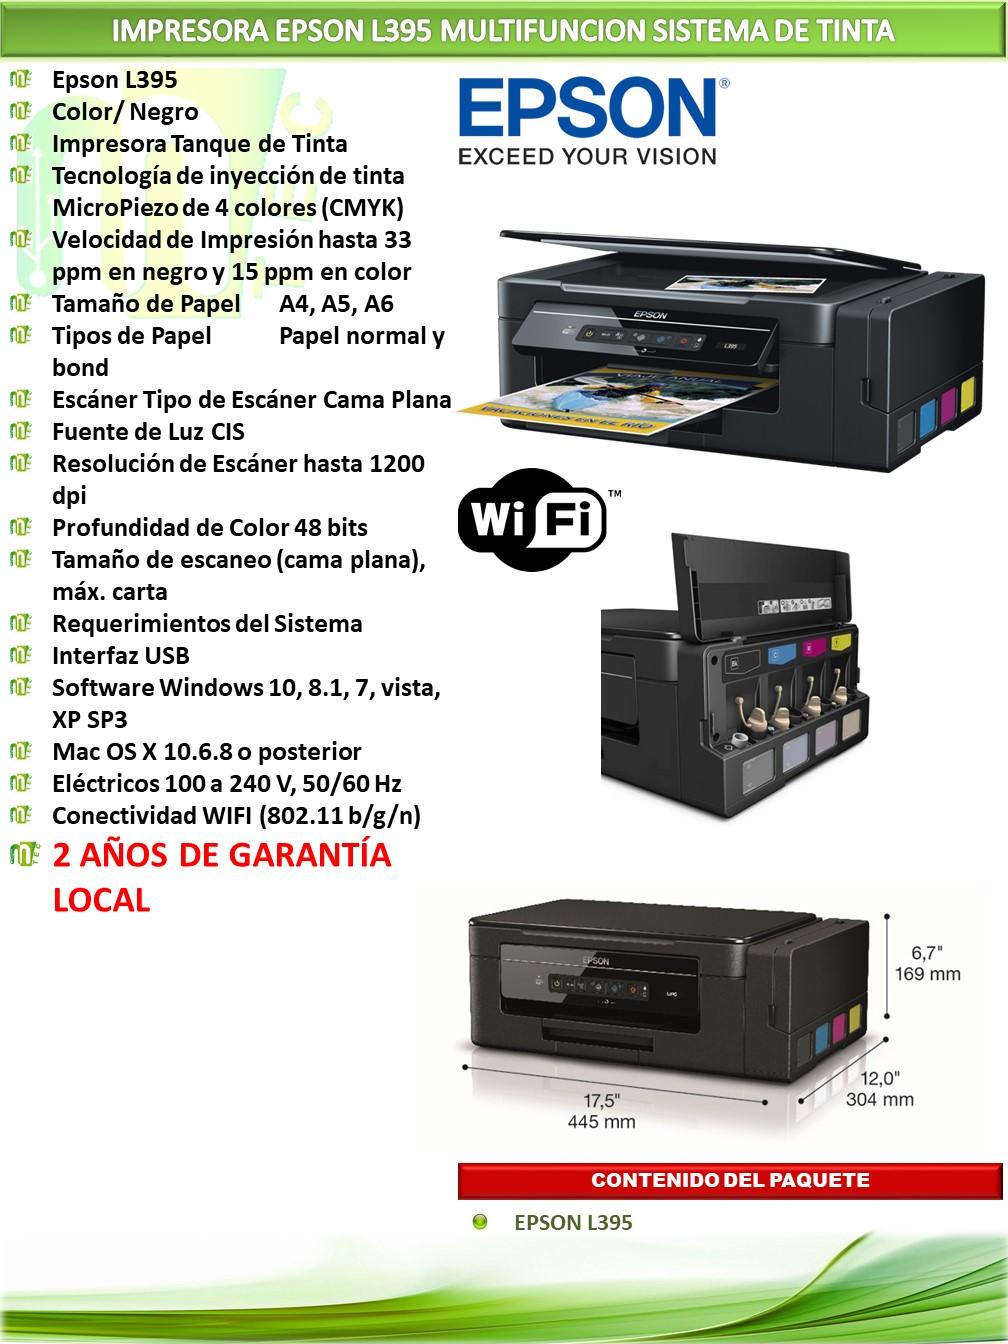 Impresora Epson L395 Multifuncion Sistema De Tinta Mtec